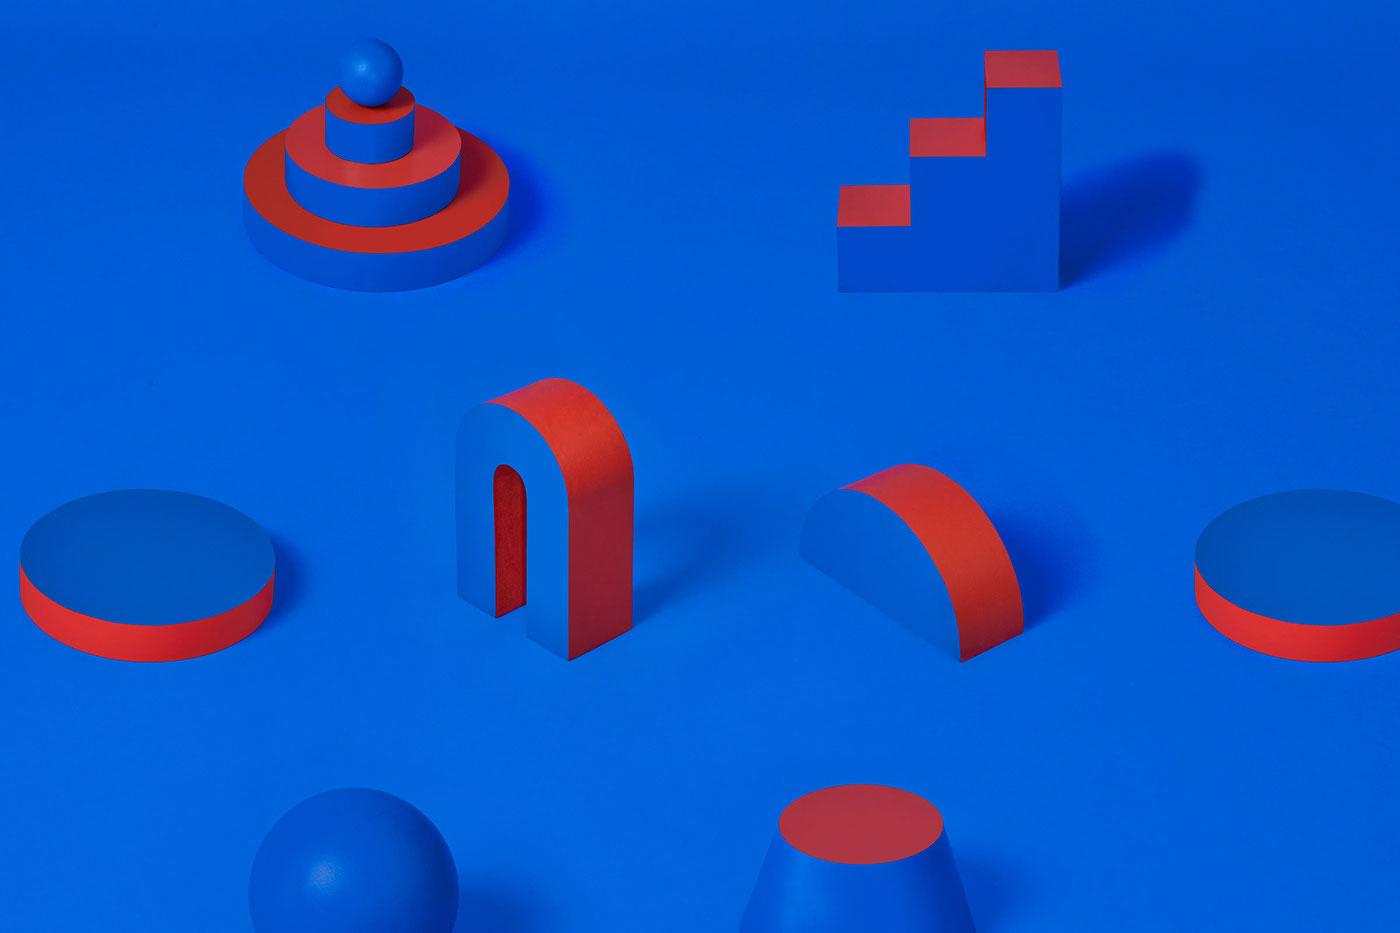 Pixel 2 Wallpapers